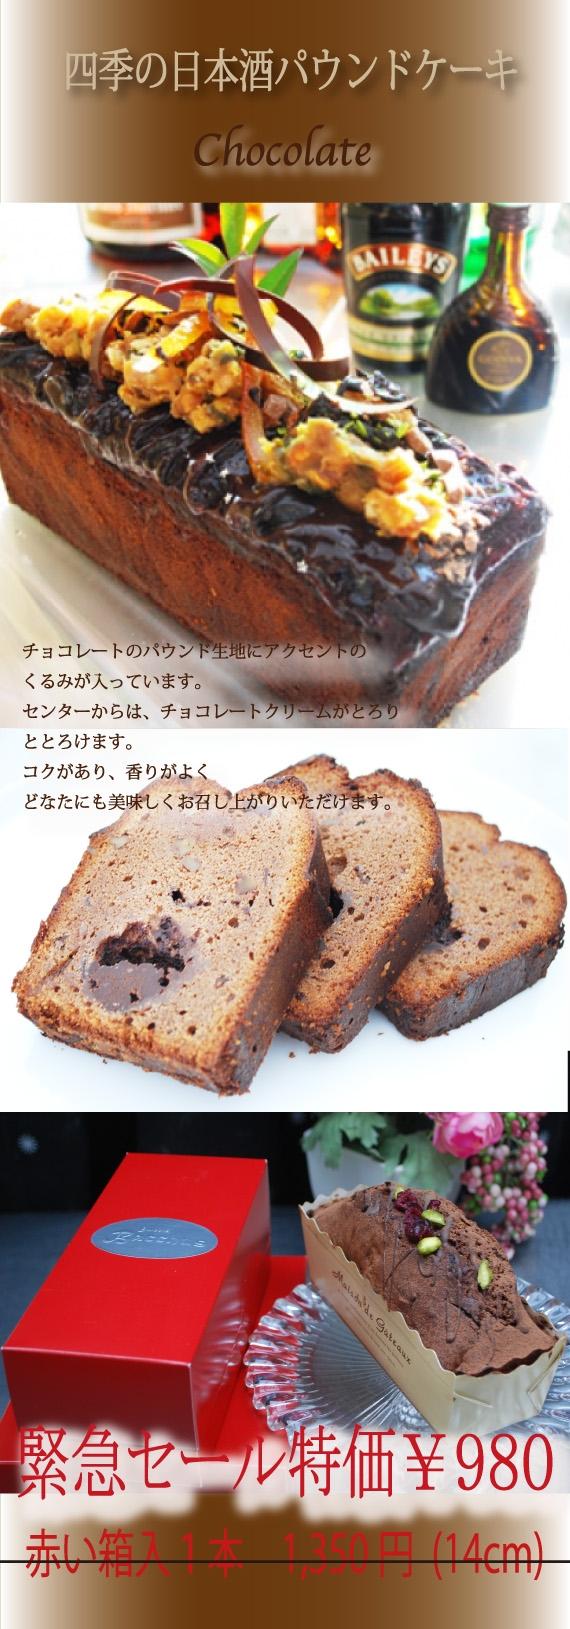 【チョコクリームくるみ入!!】熟成酒パウンドケーキ 「チョコレートSサイズ」×1本